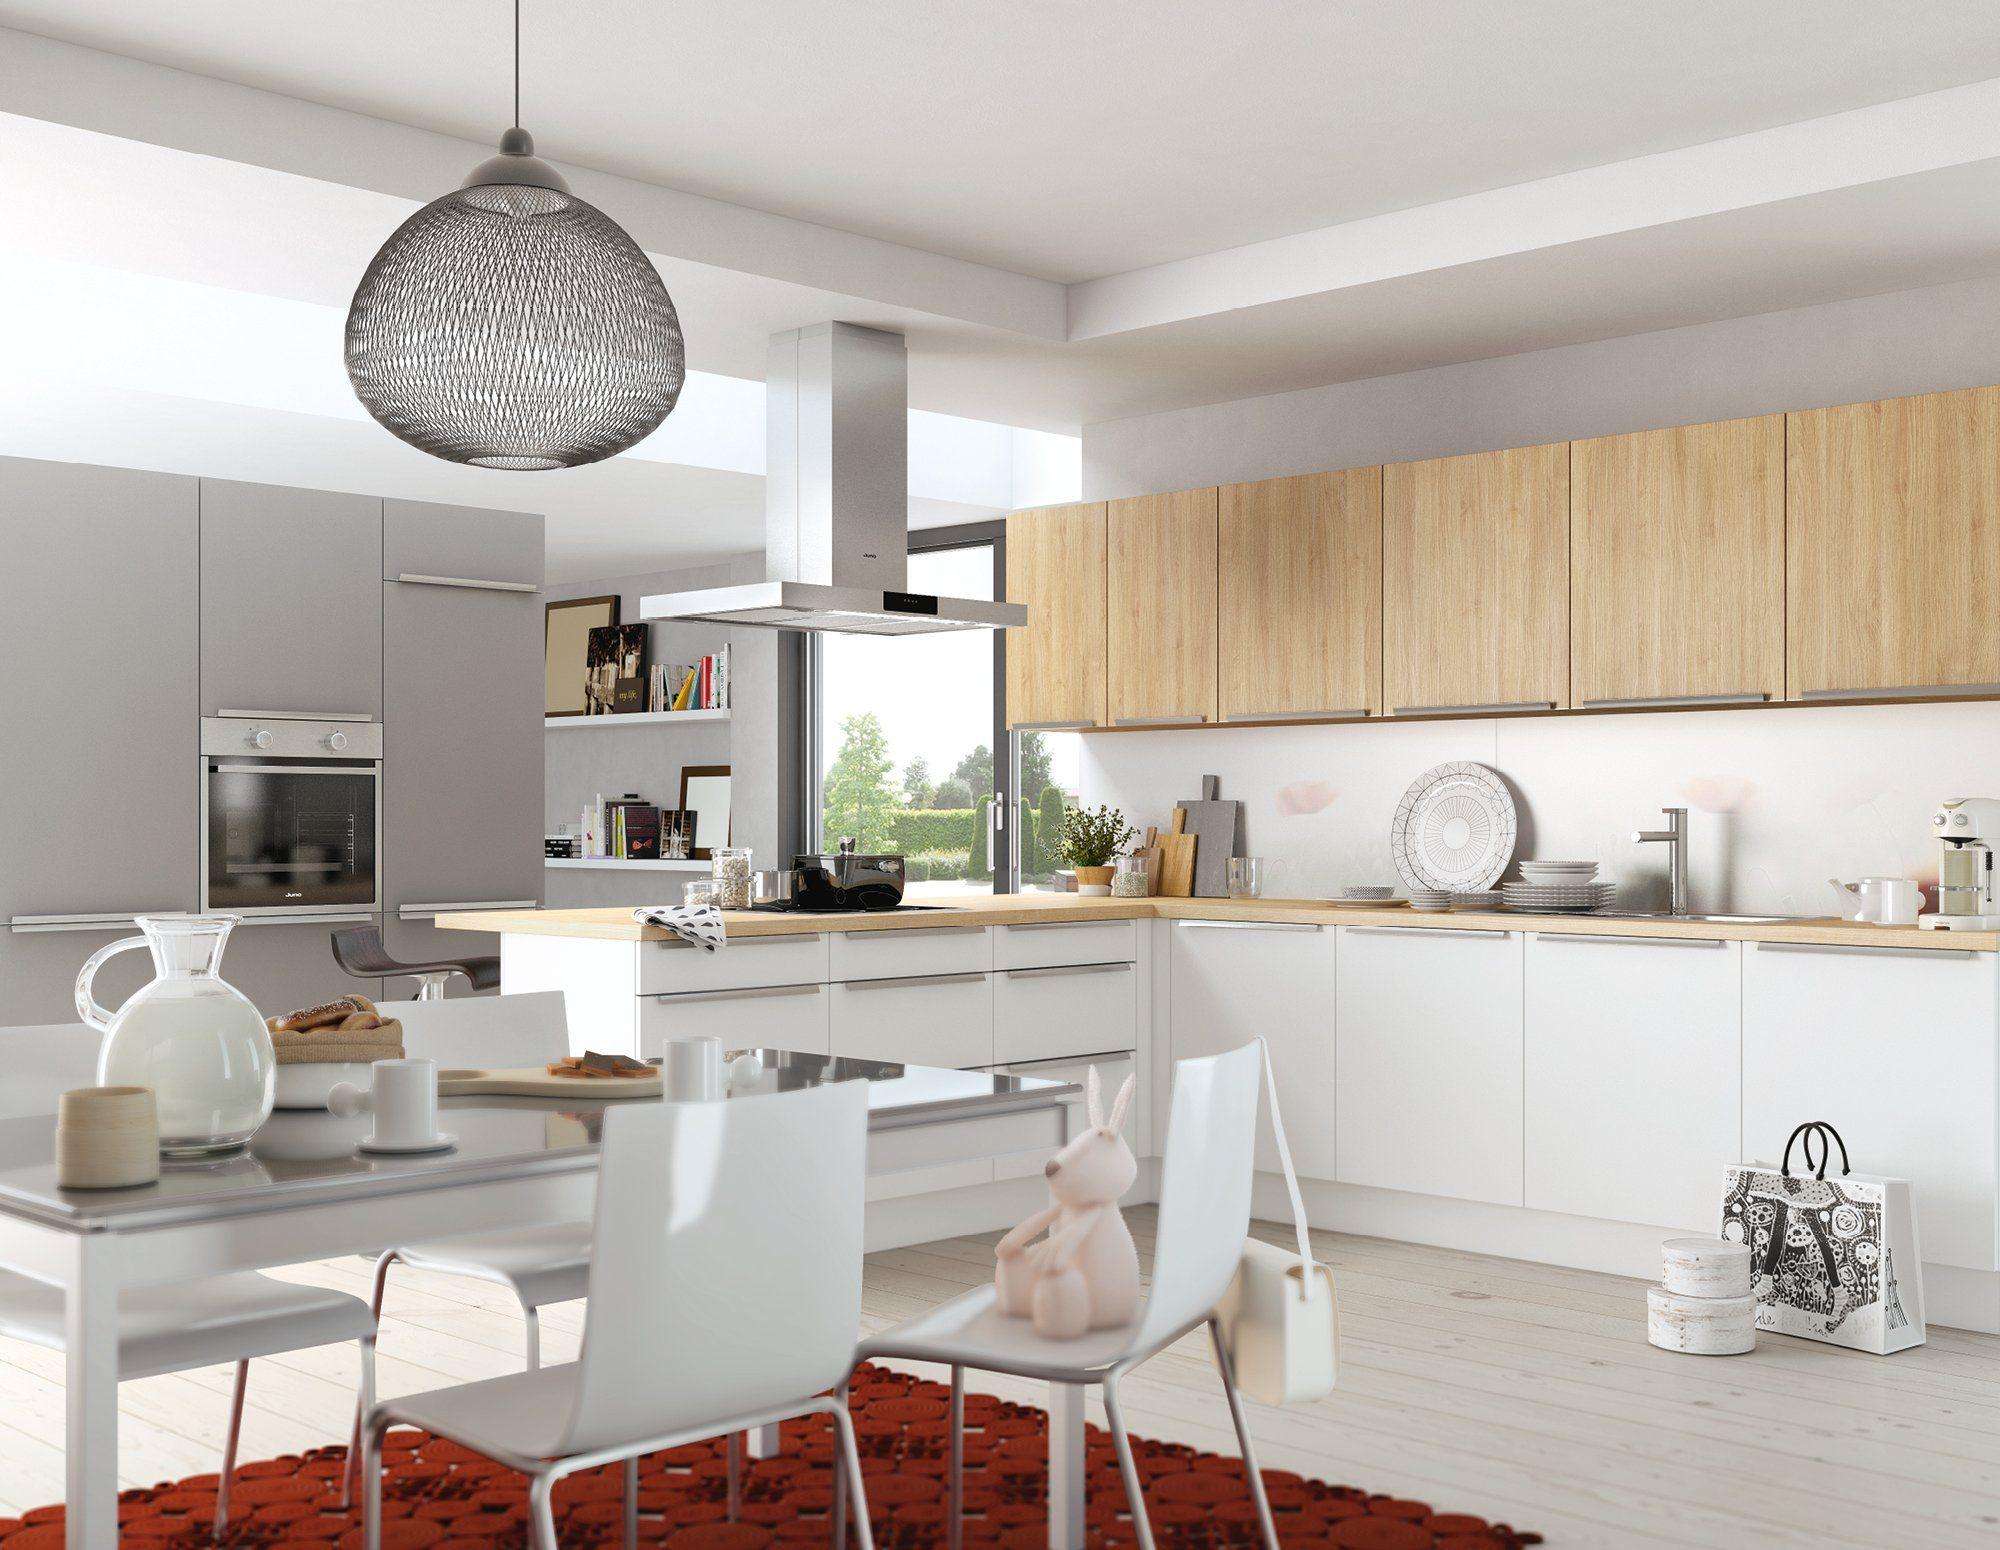 Moderne Familienküche mit Resopal-Fronten in Weiß, Steingrau und Eiche.